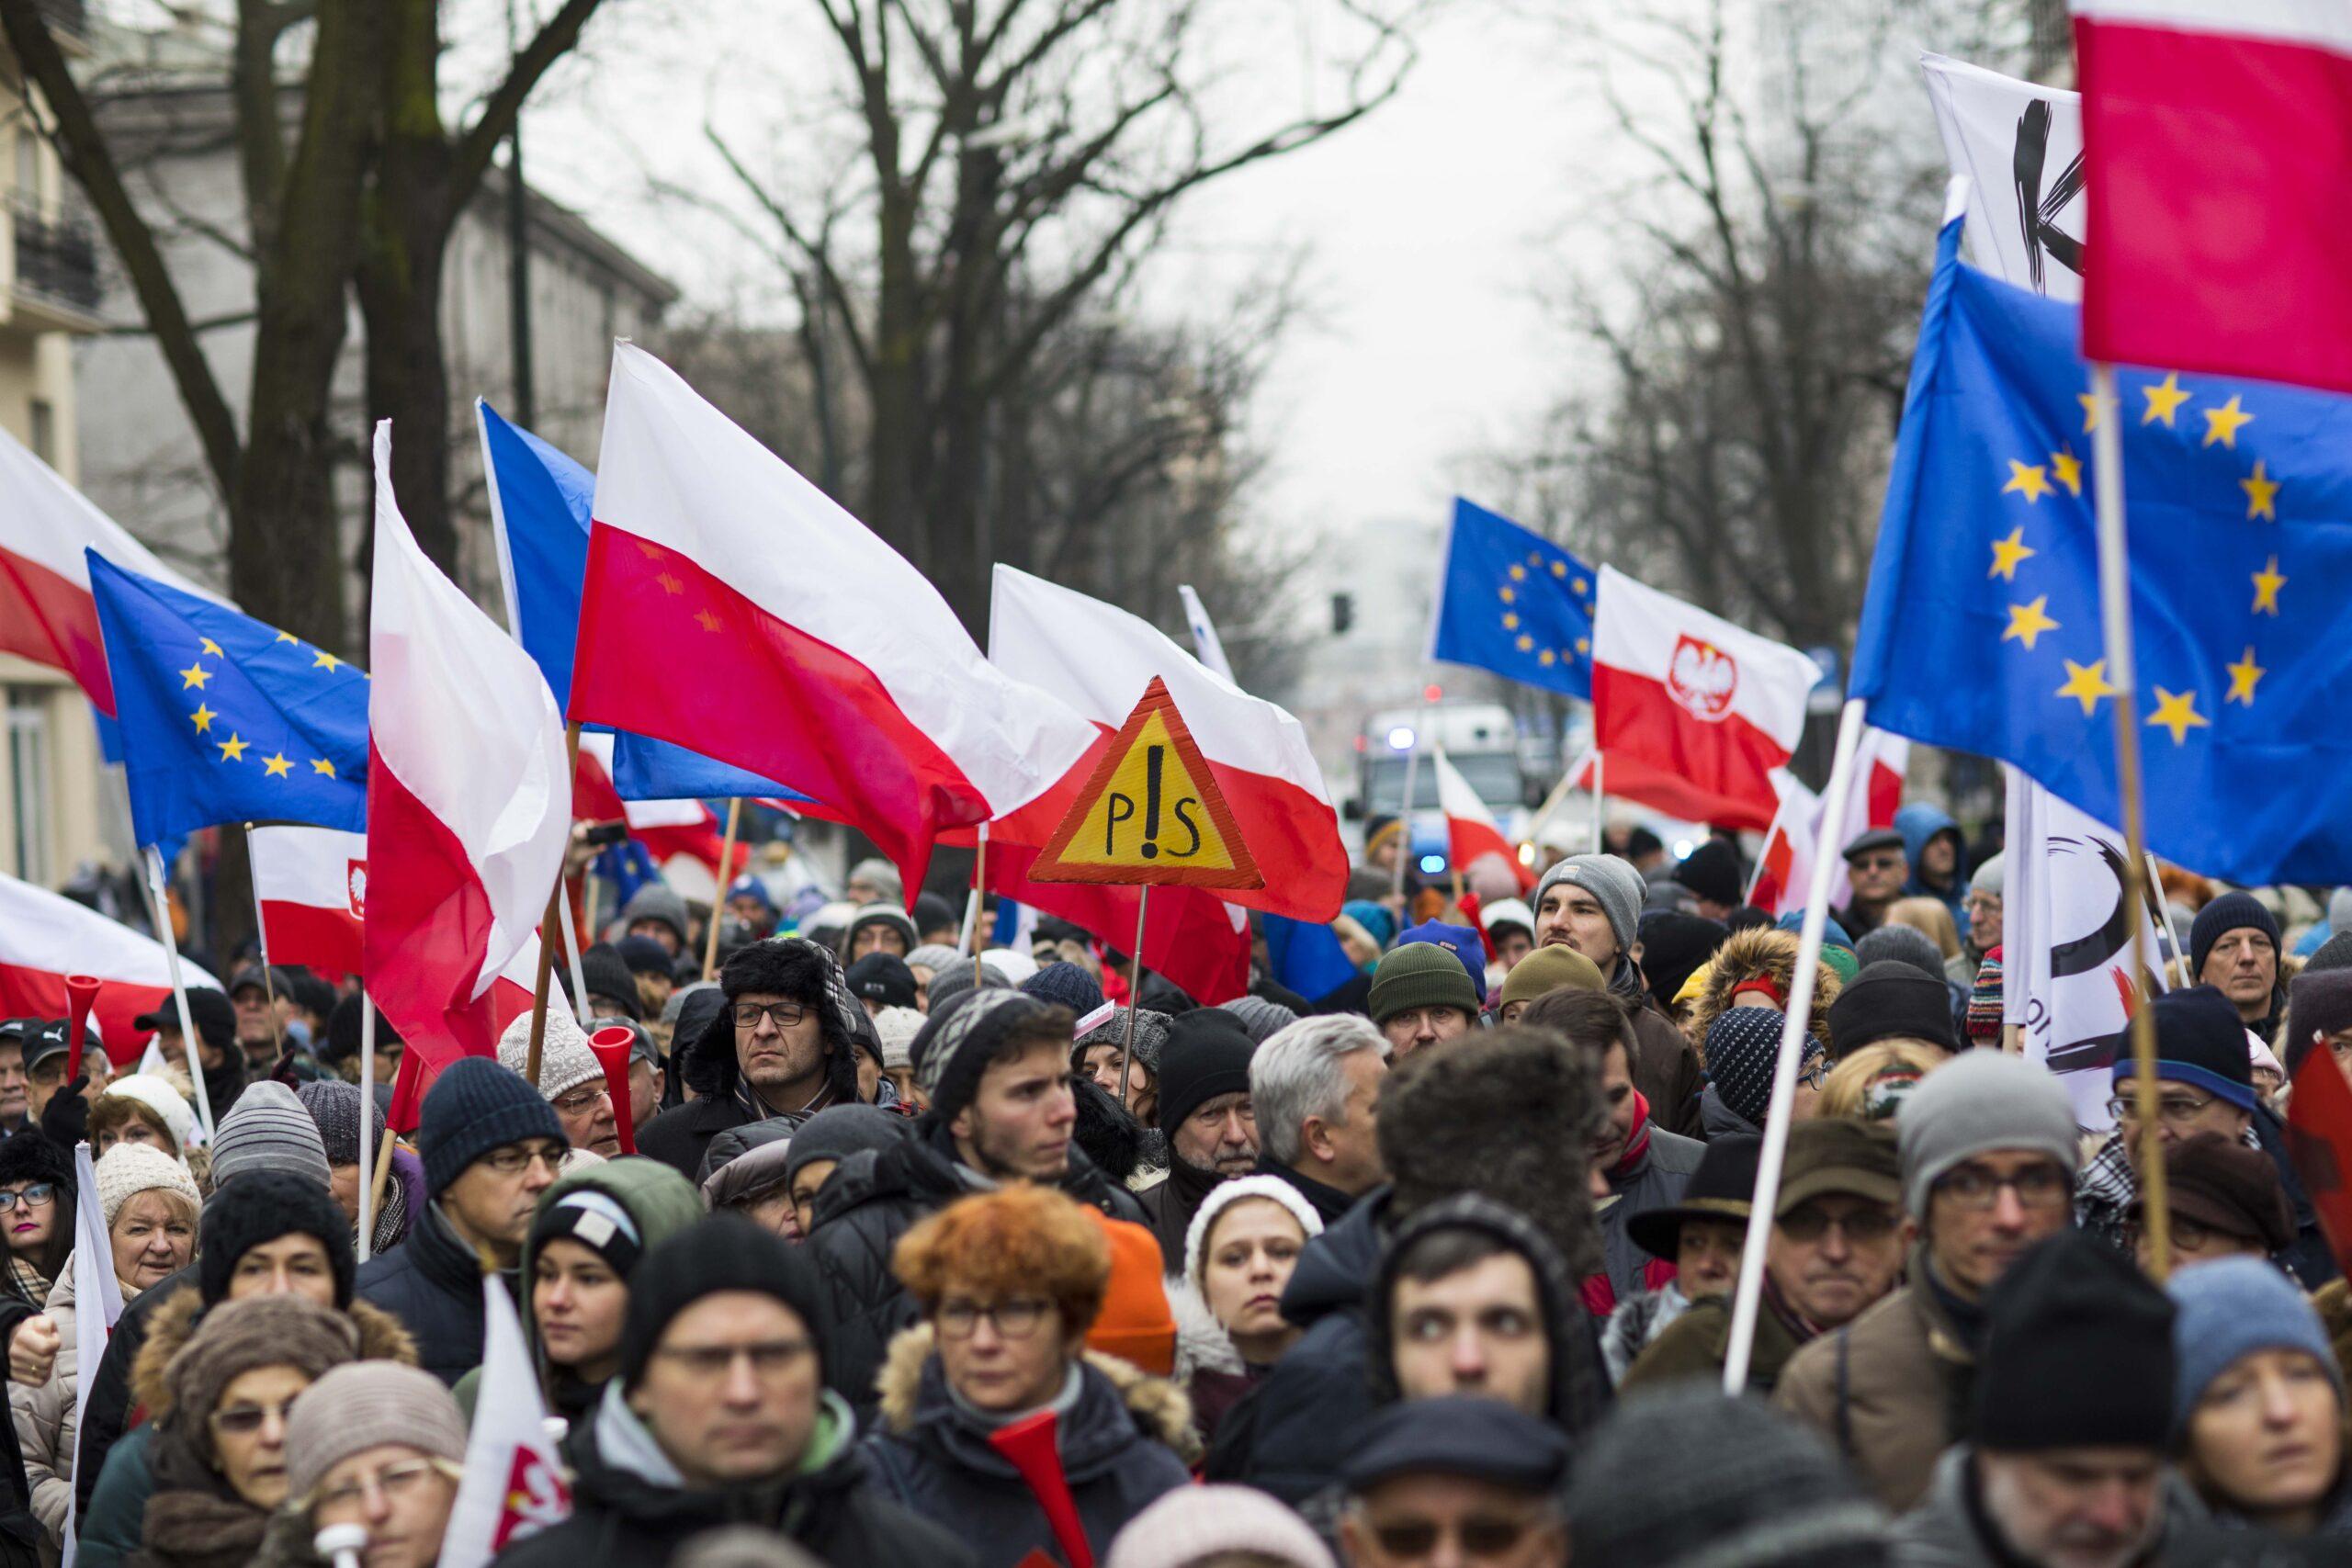 """Sanepid negatywnie o demonstracji Tuska. """"Kary do nawet 30 tys. złotych"""""""